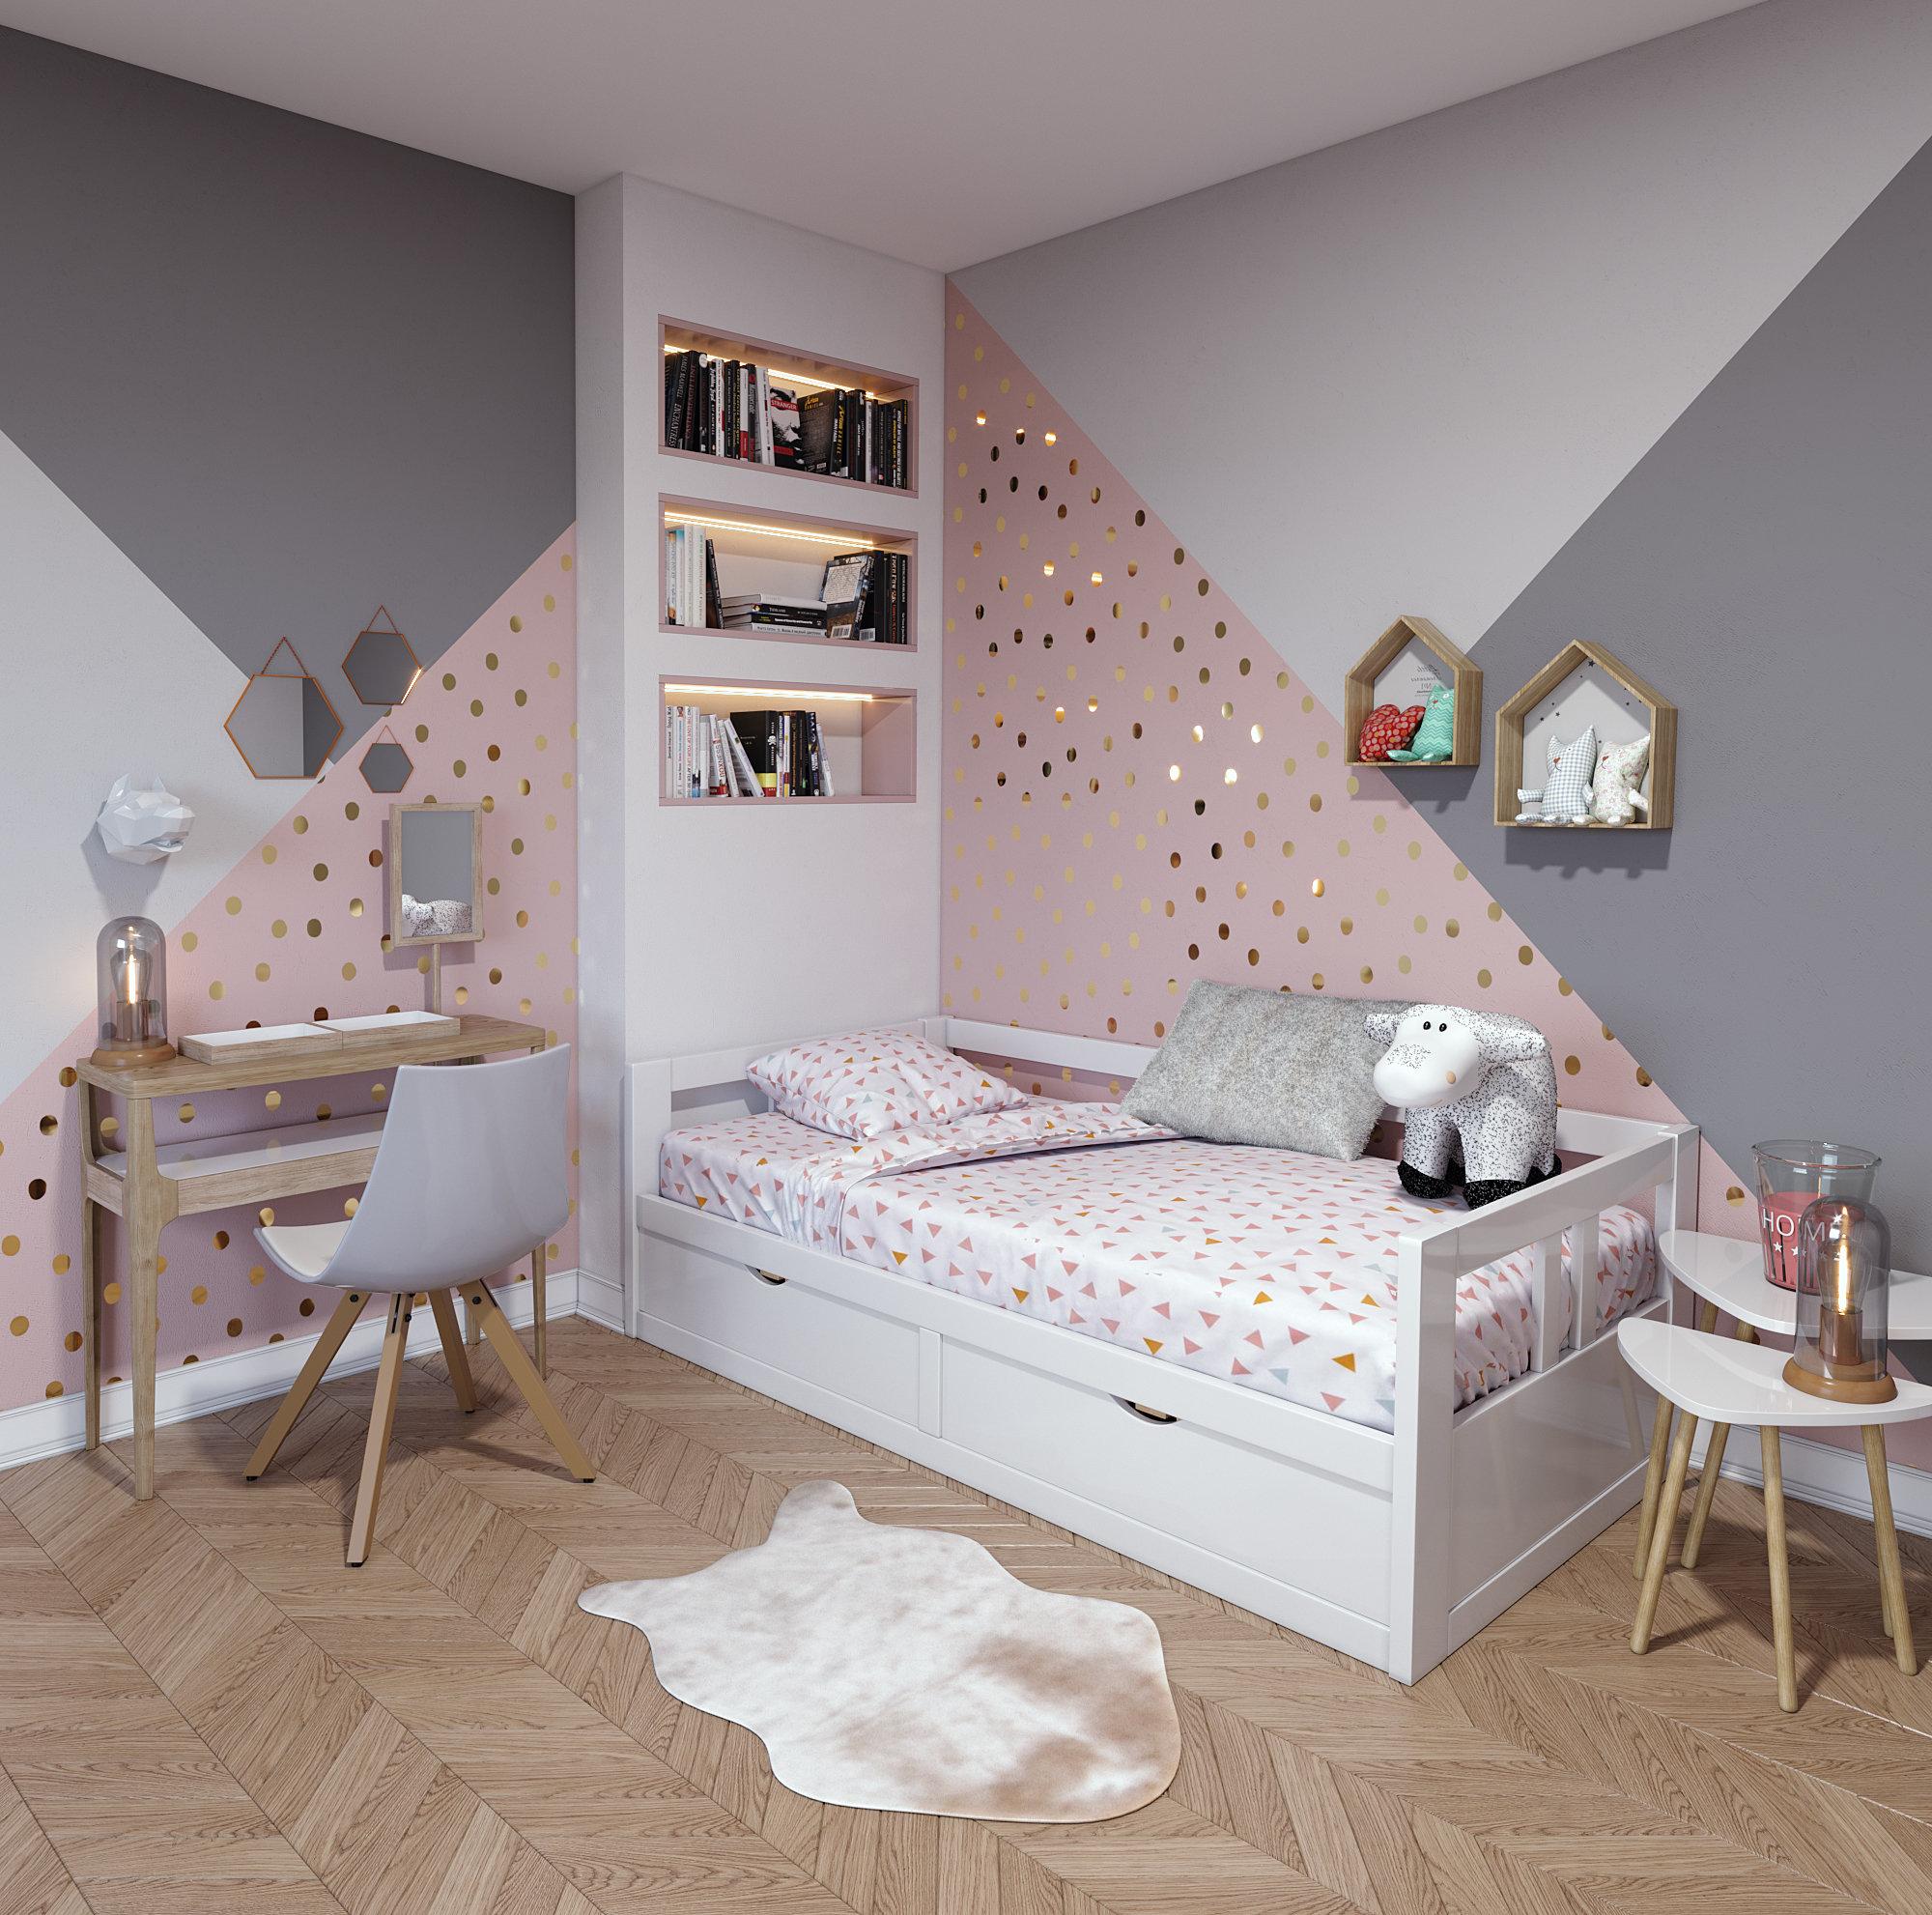 Chambre d\'enfant contemporaine rose blanche beige bois: inspiration ...